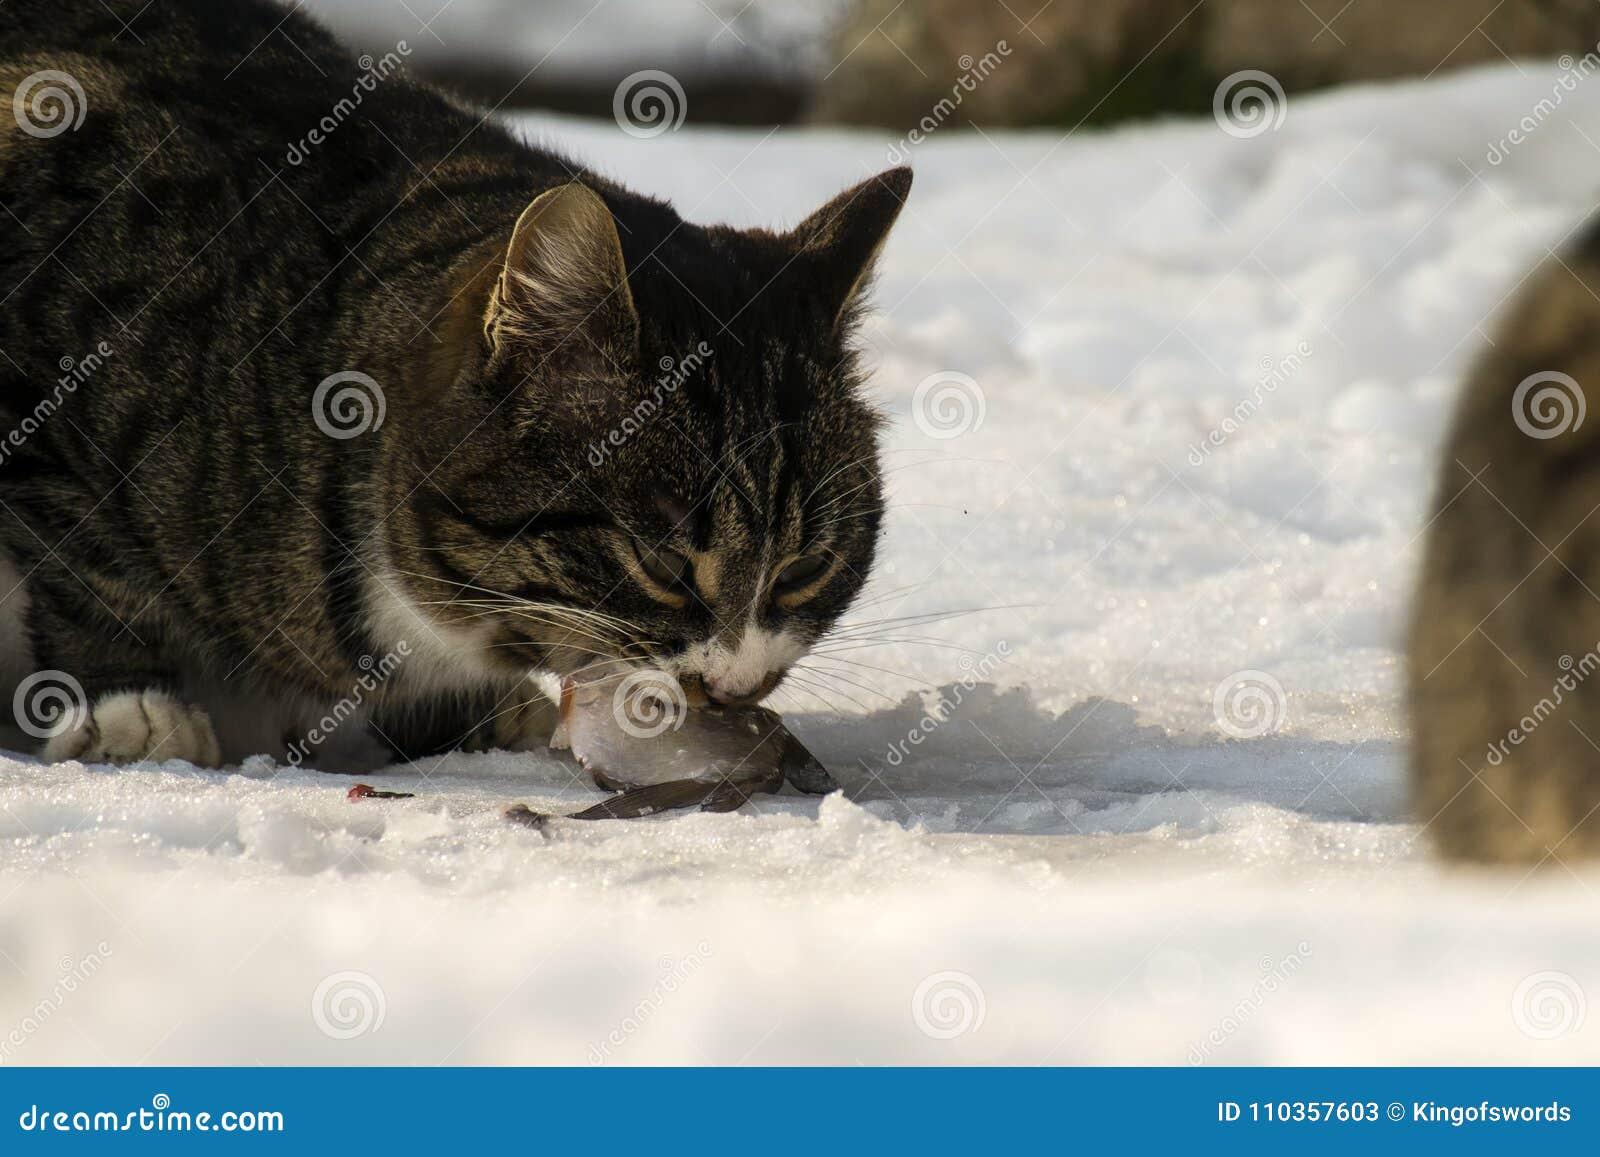 Le gros chat rayé mord ardemment dans un poisson frais